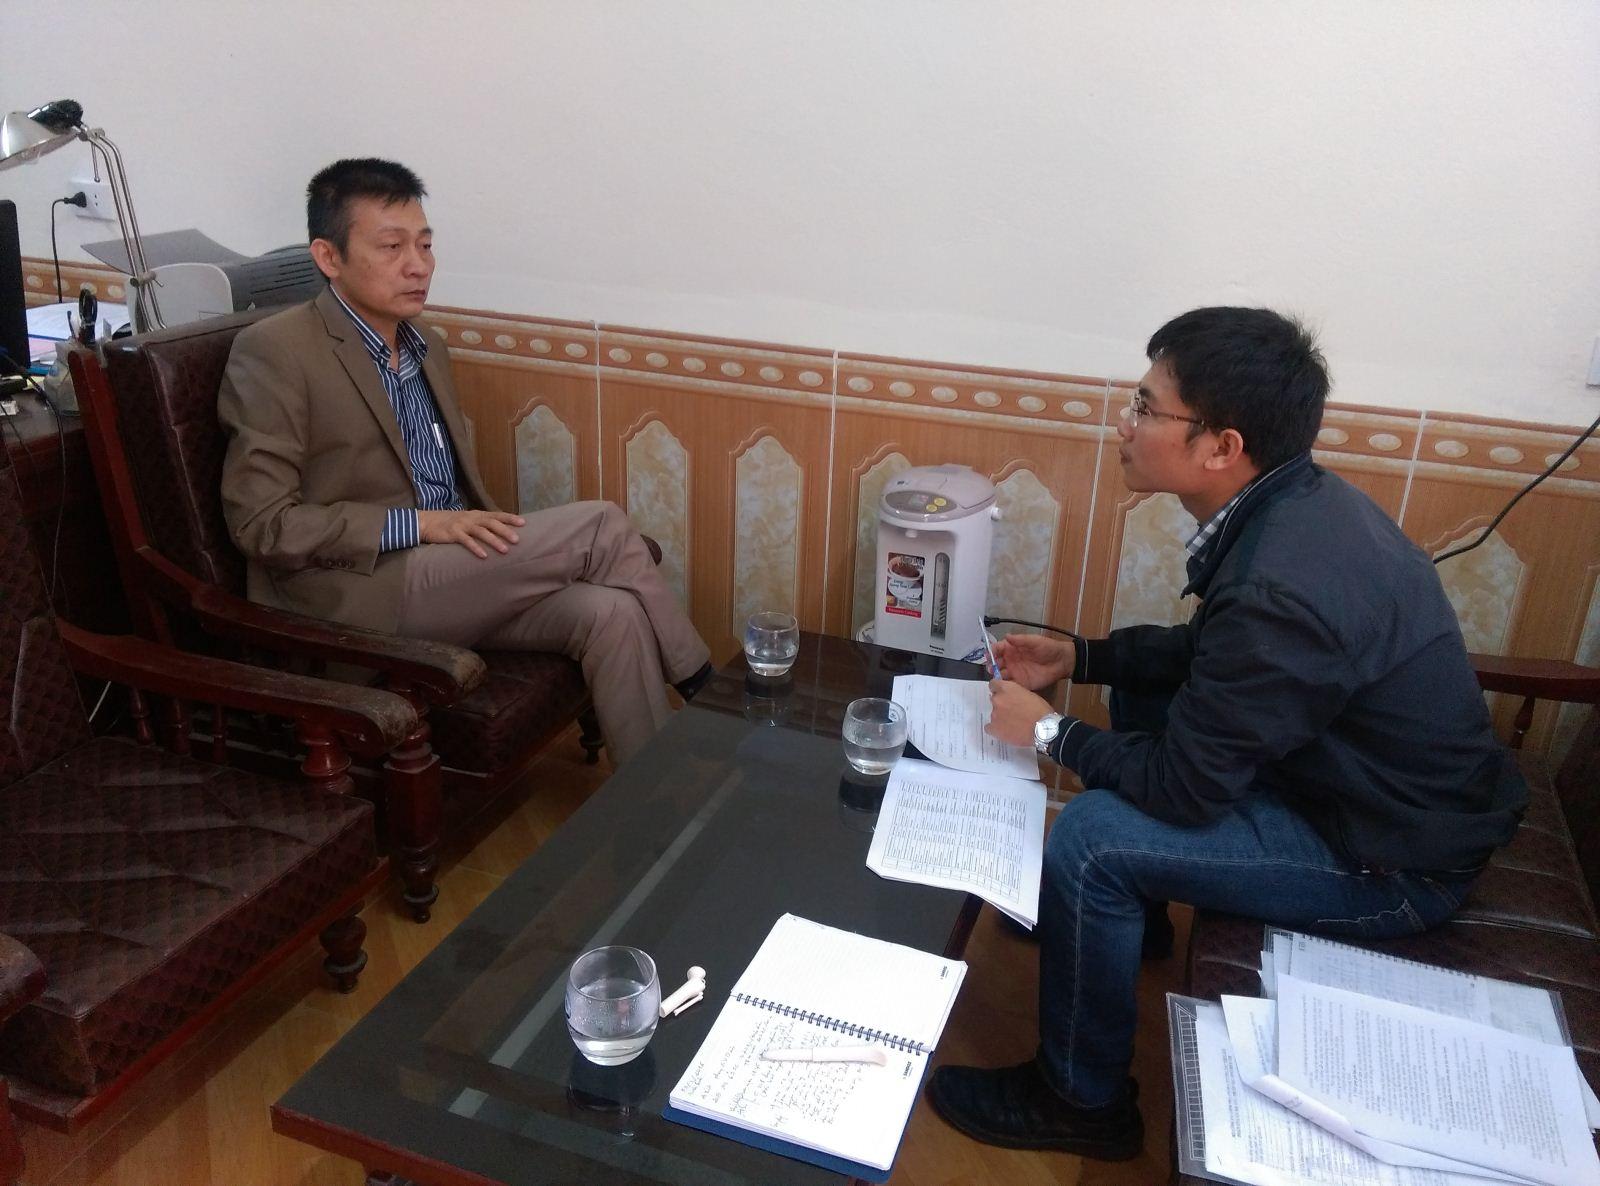 Giám sát hỗ trợ dự án tại Ninh Bình (Tháng 3 năm 2016)